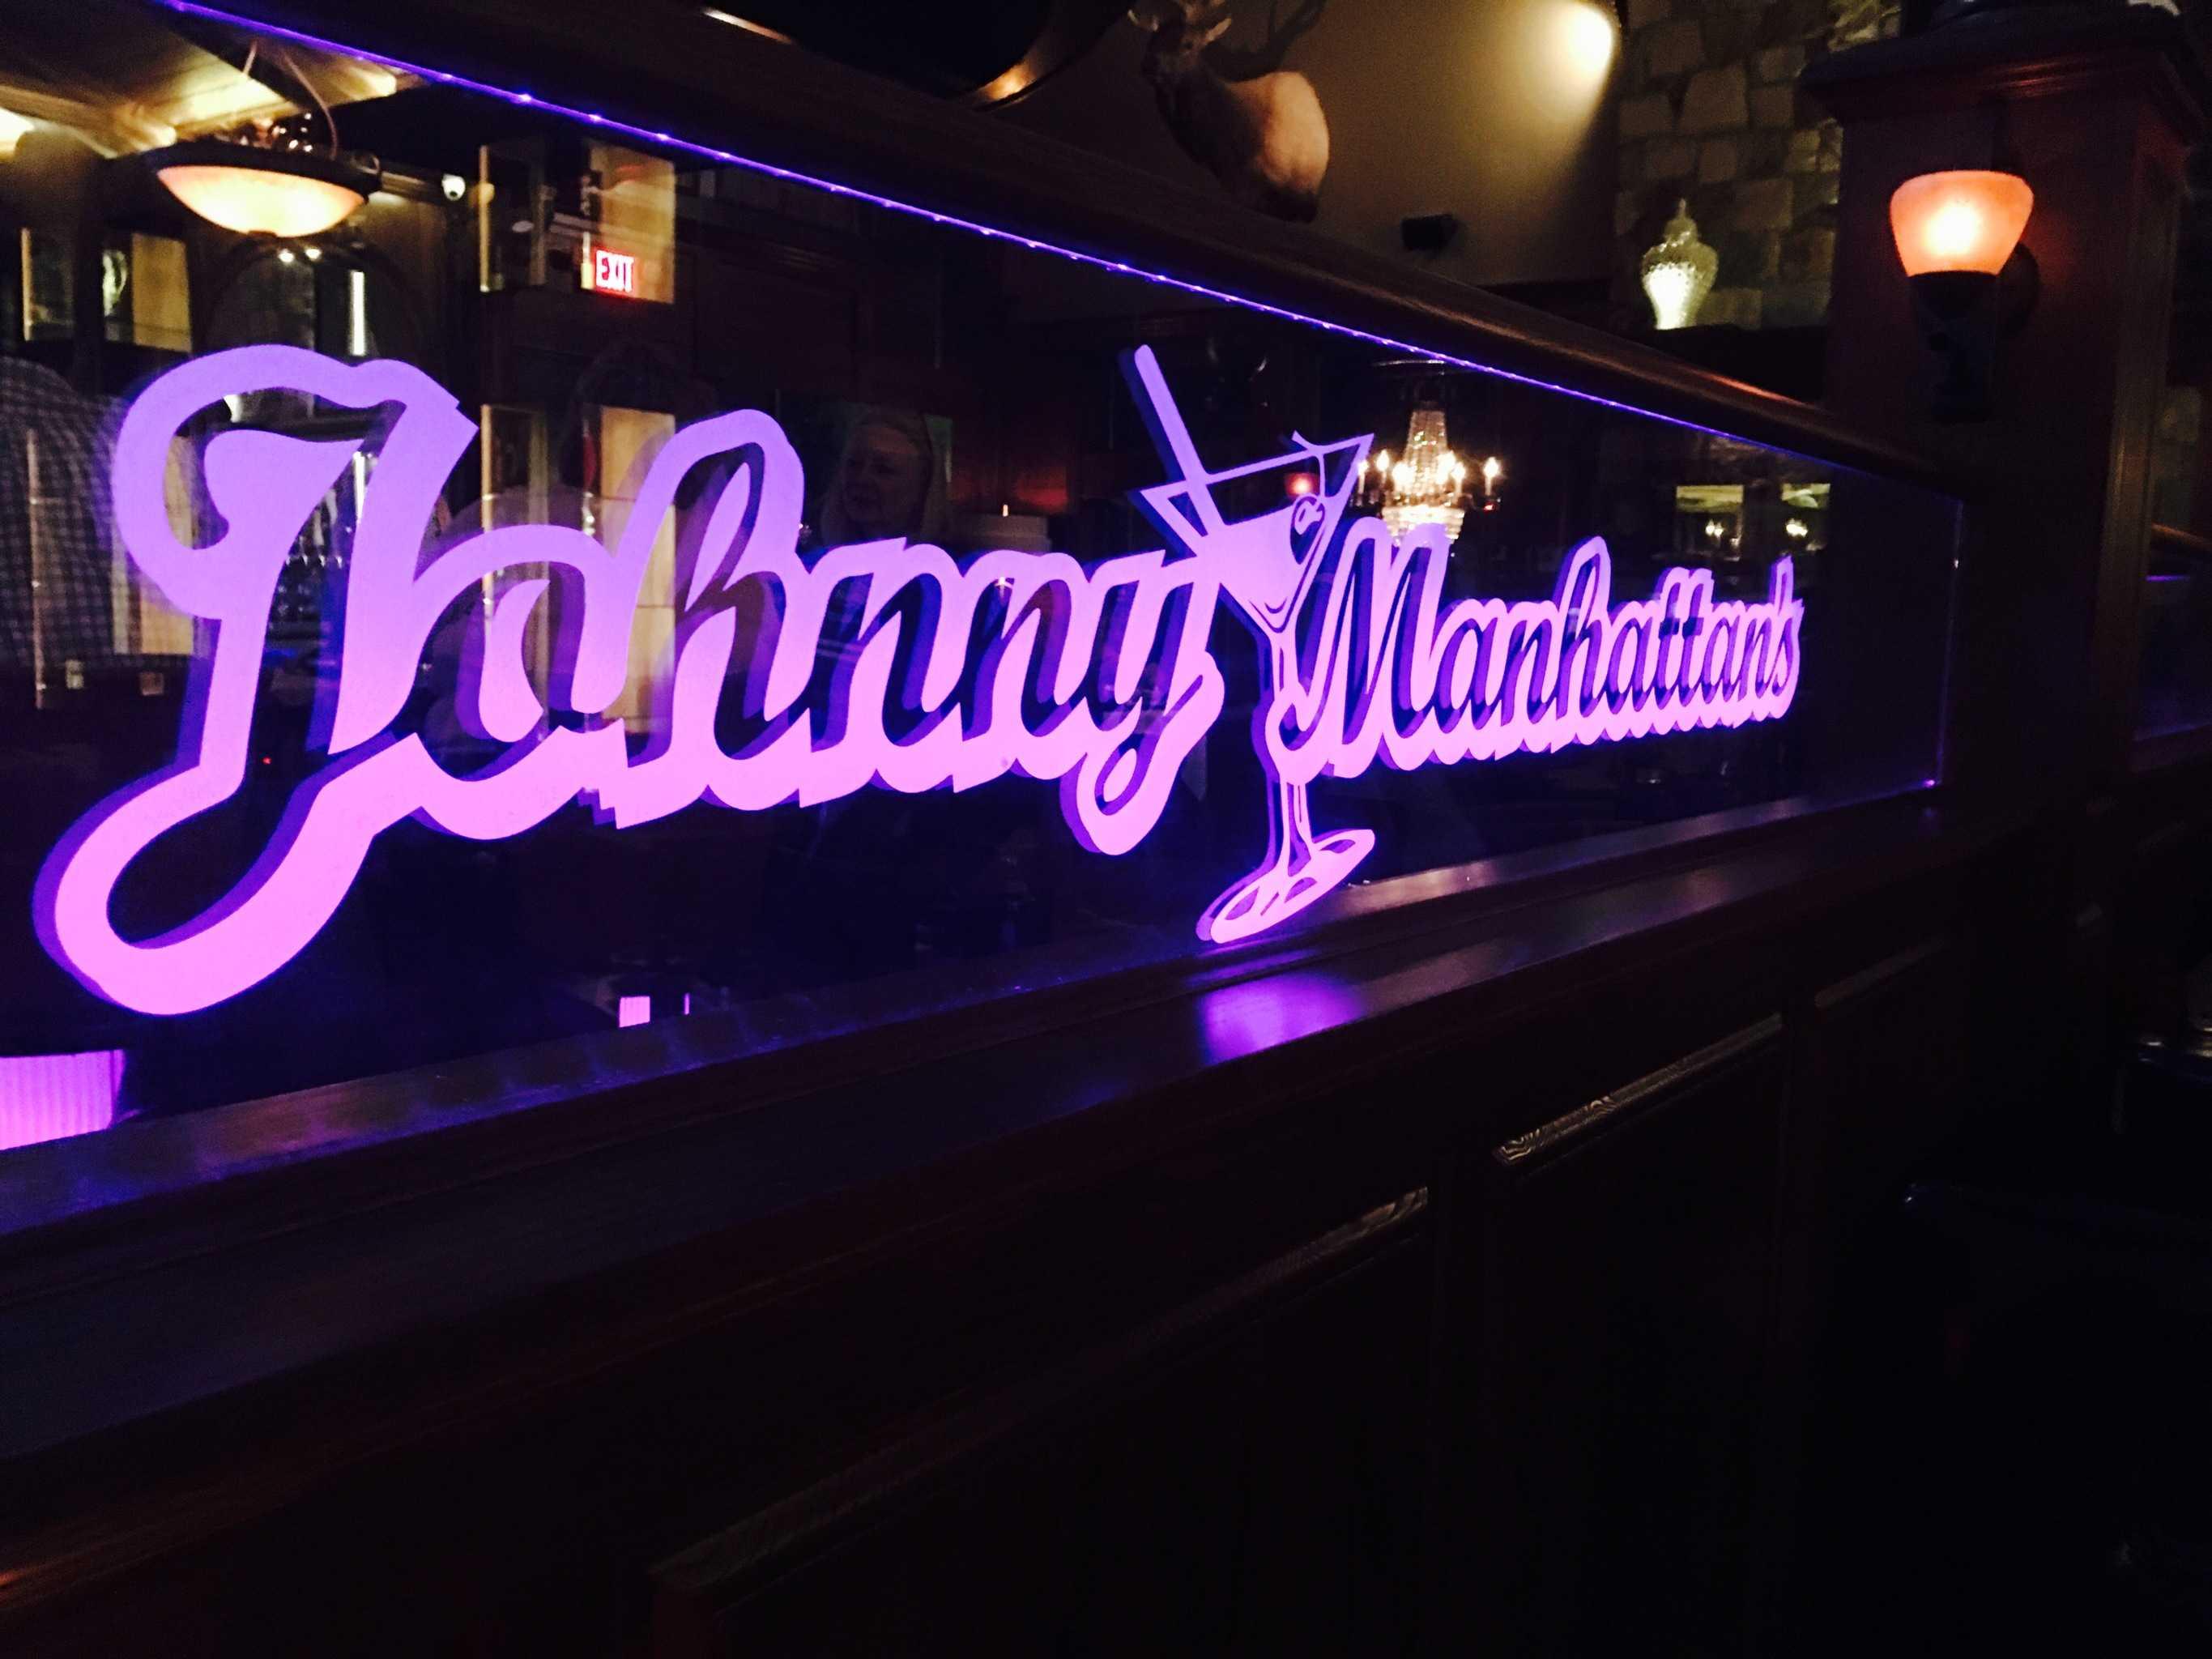 Stylish Bar near Germantown, WI